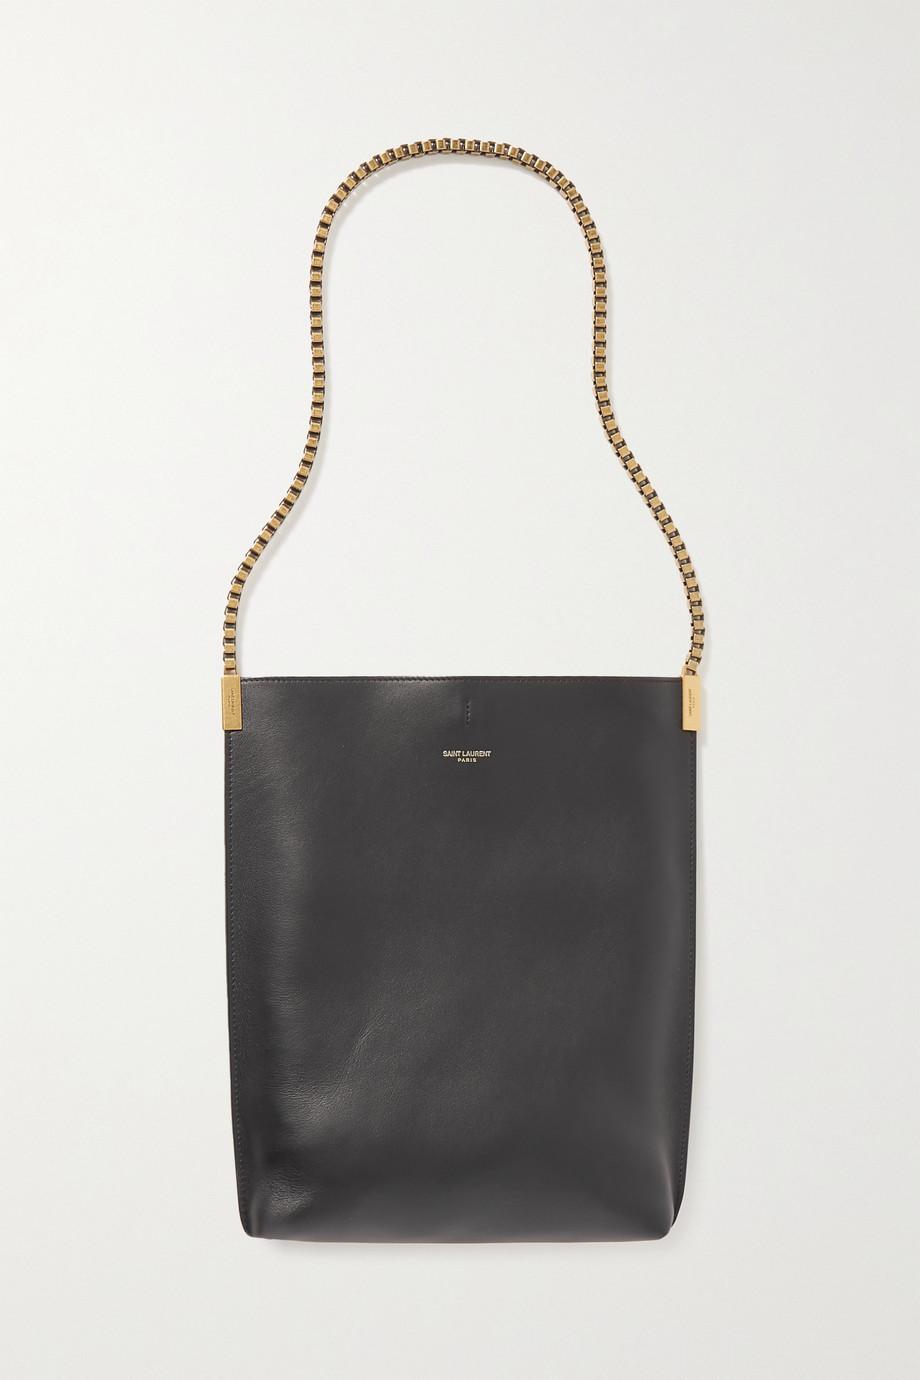 SAINT LAURENT Suzanne small leather shoulder bag